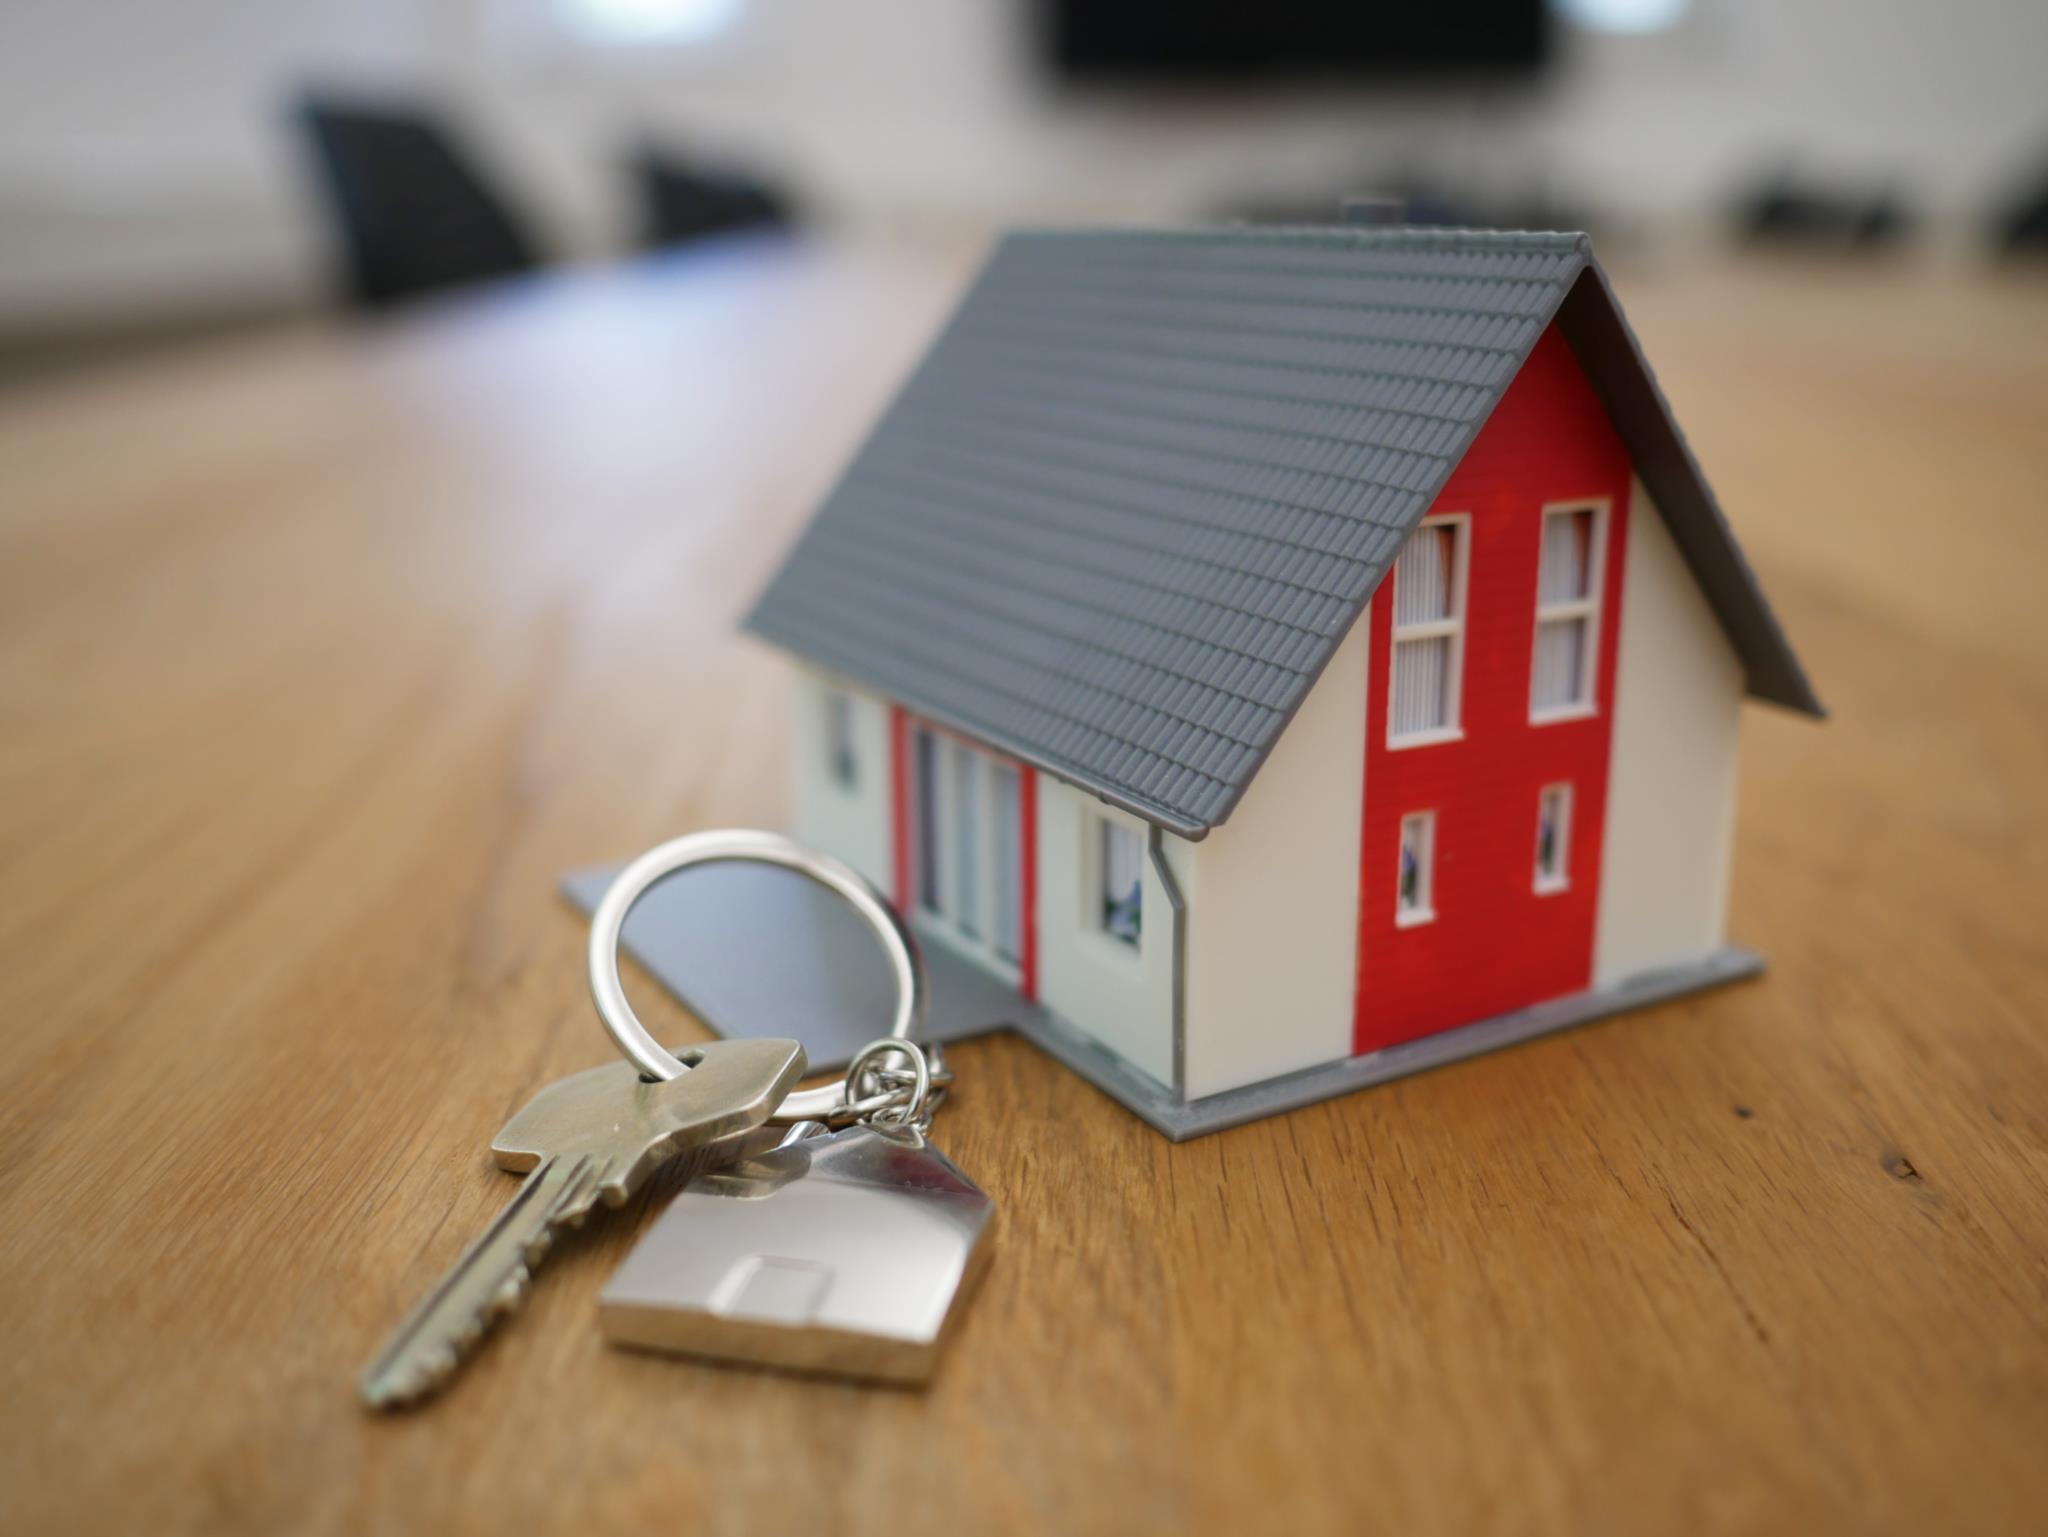 Huis verkopen in Sittard?